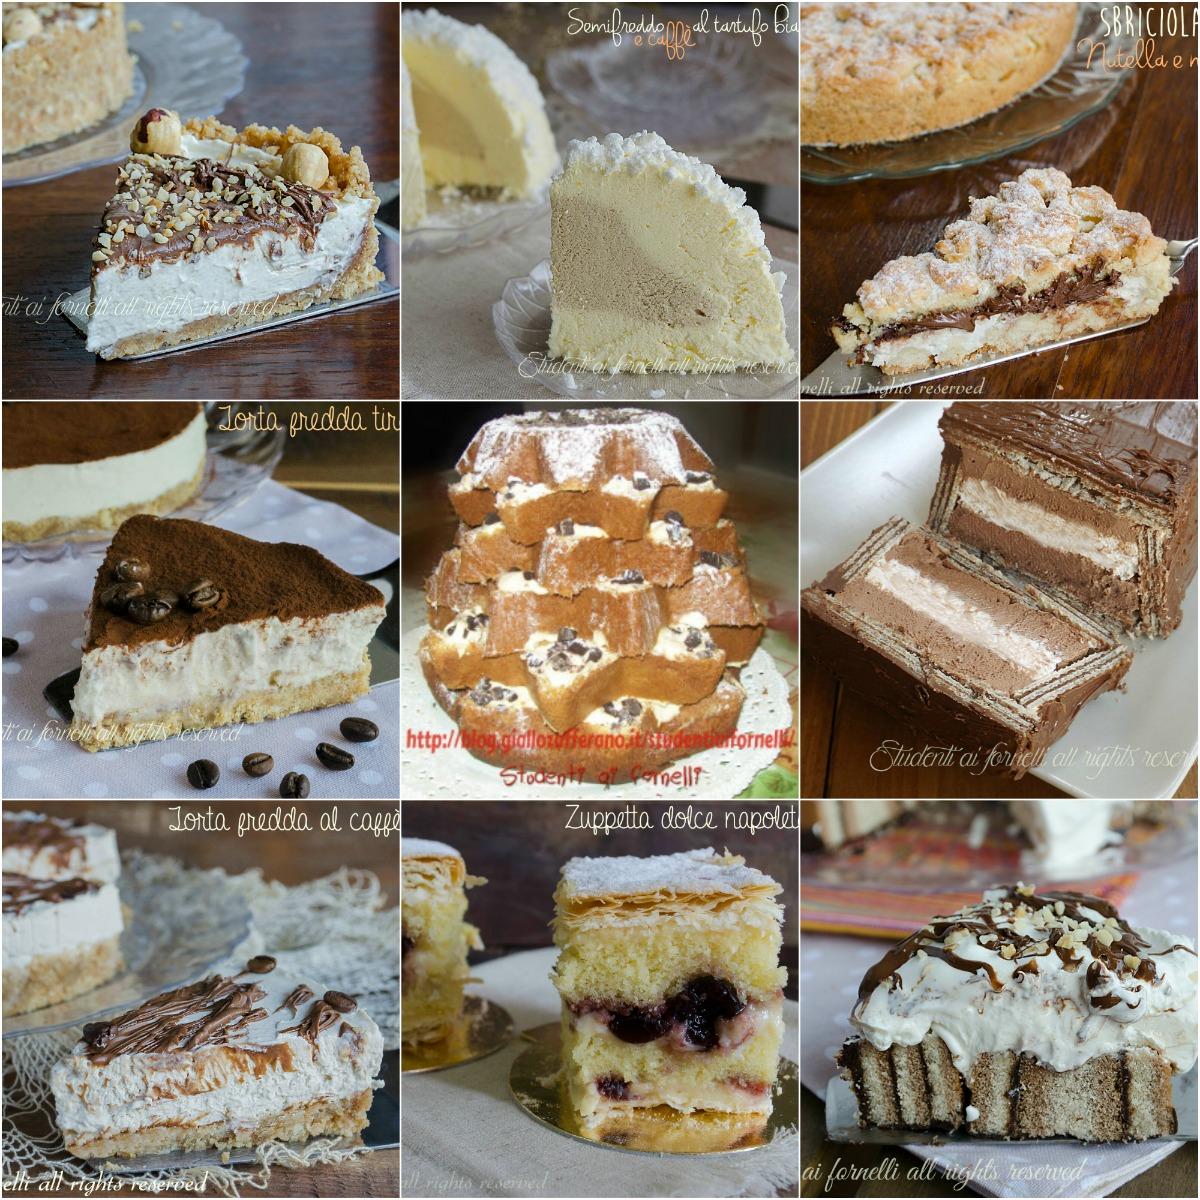 Dolci per capodanno facili e veloci ricette cenone 2015 for Ricette dolci facili e veloci